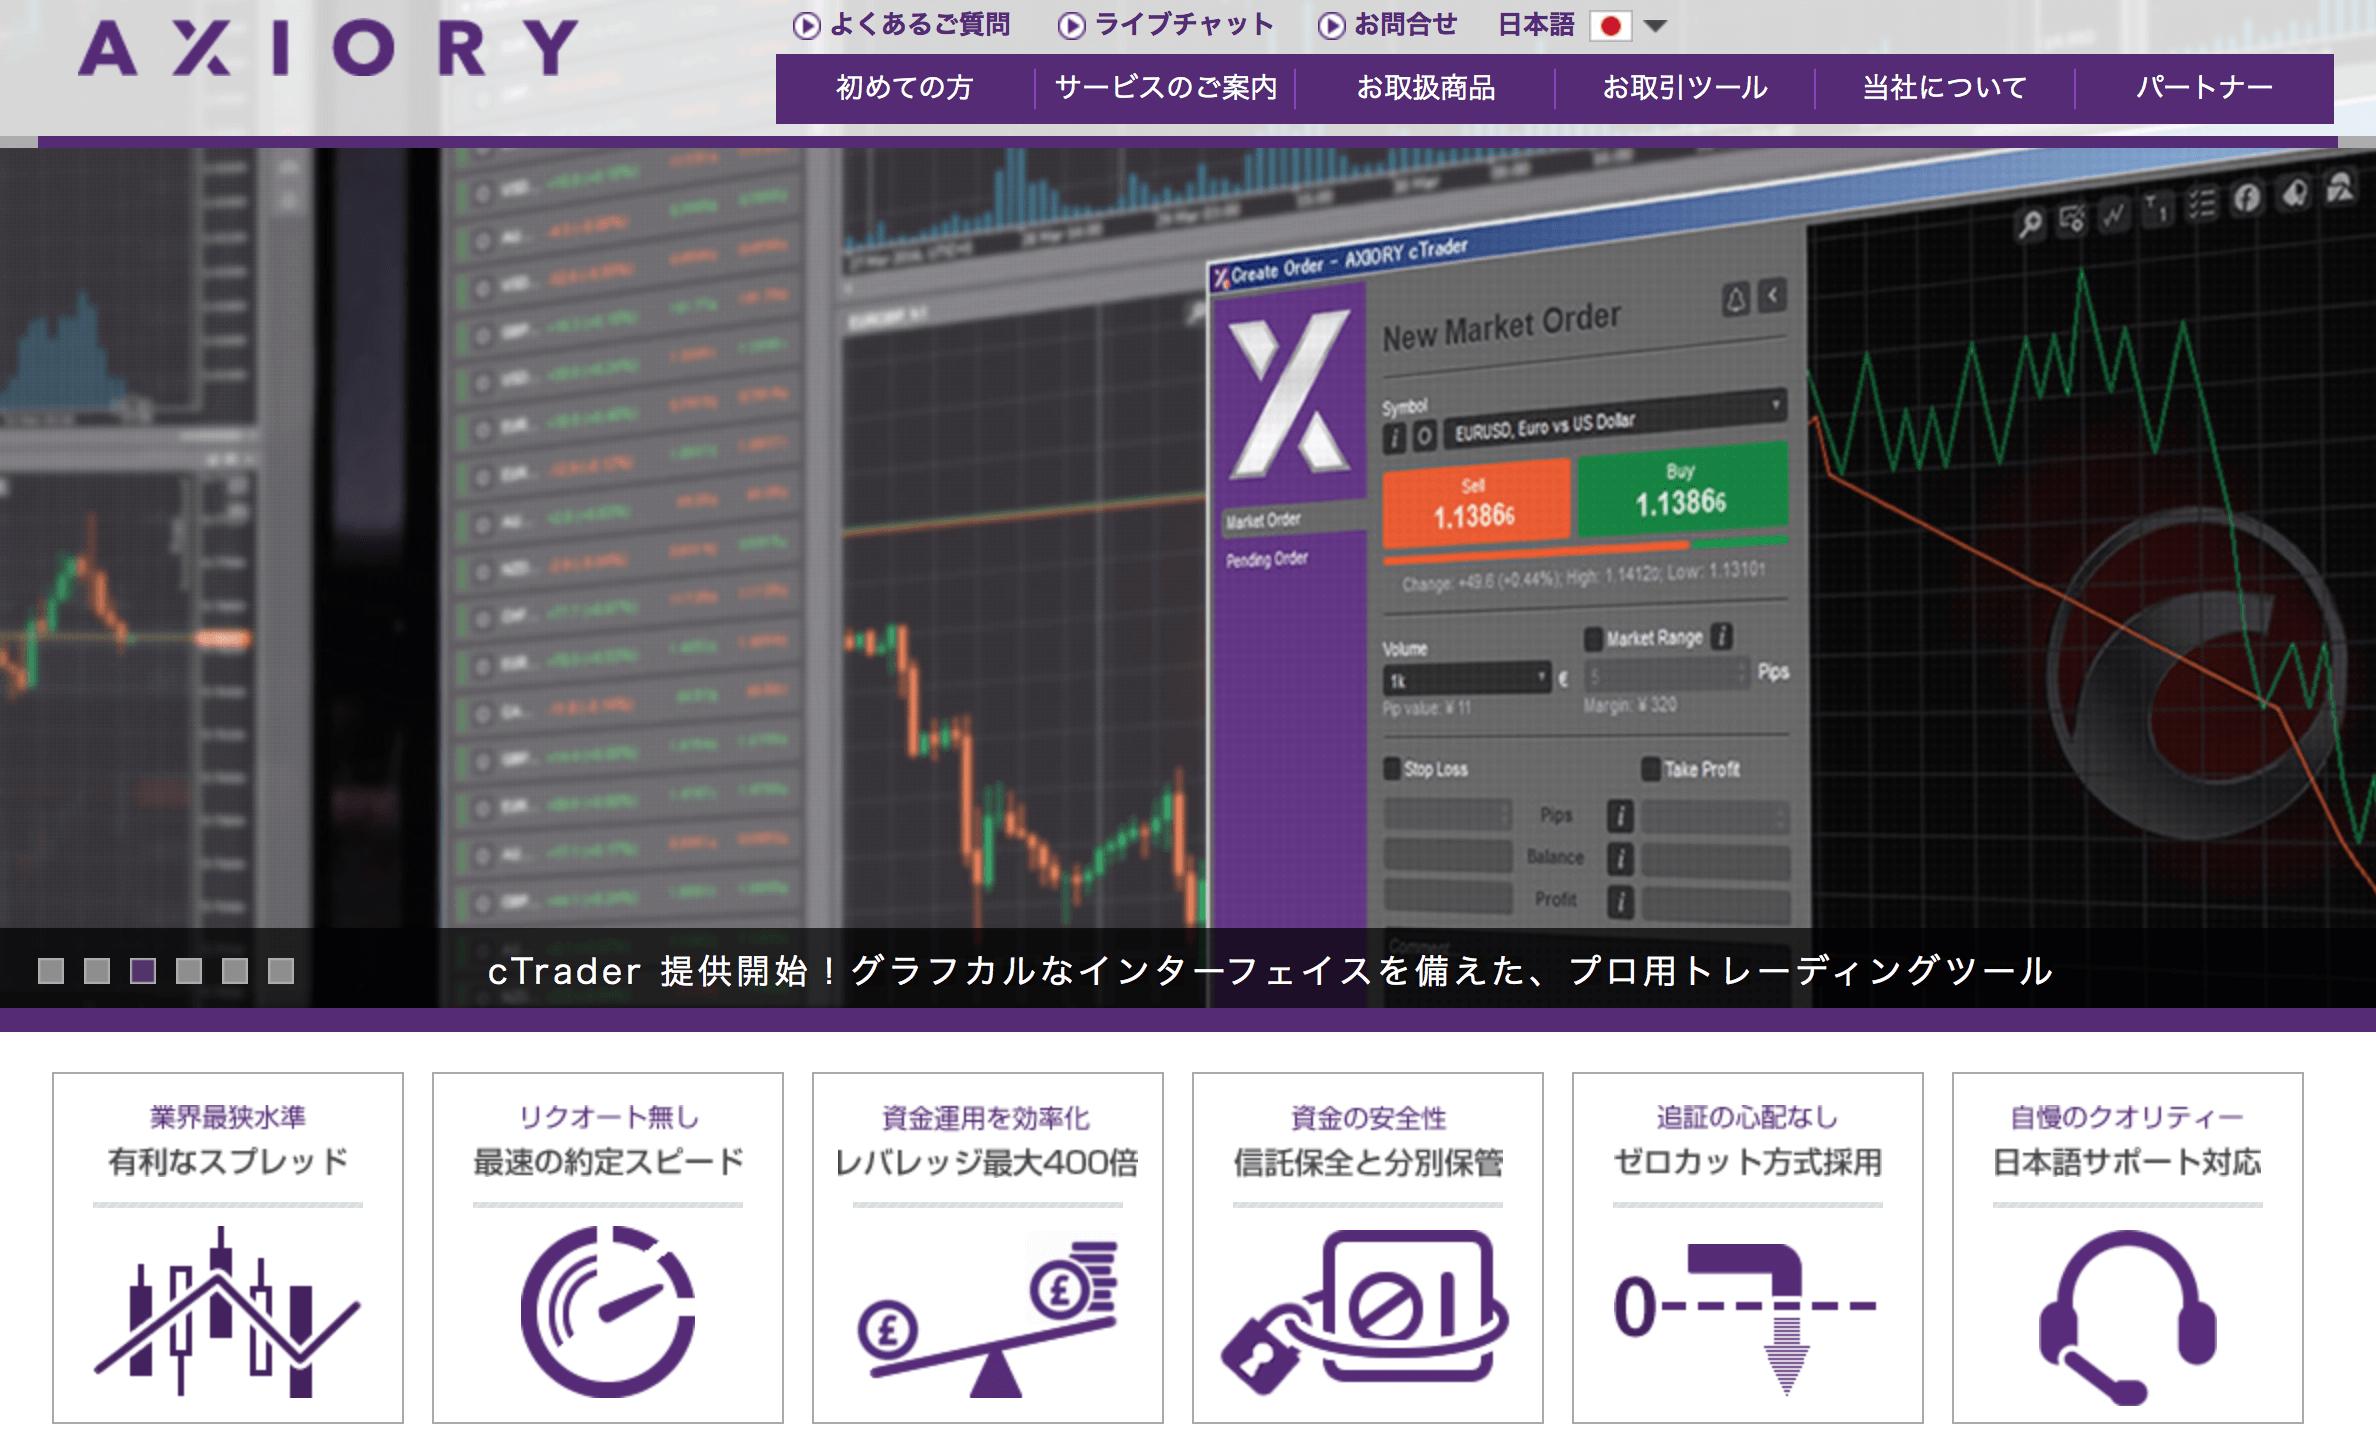 AXIORYの公式ページ